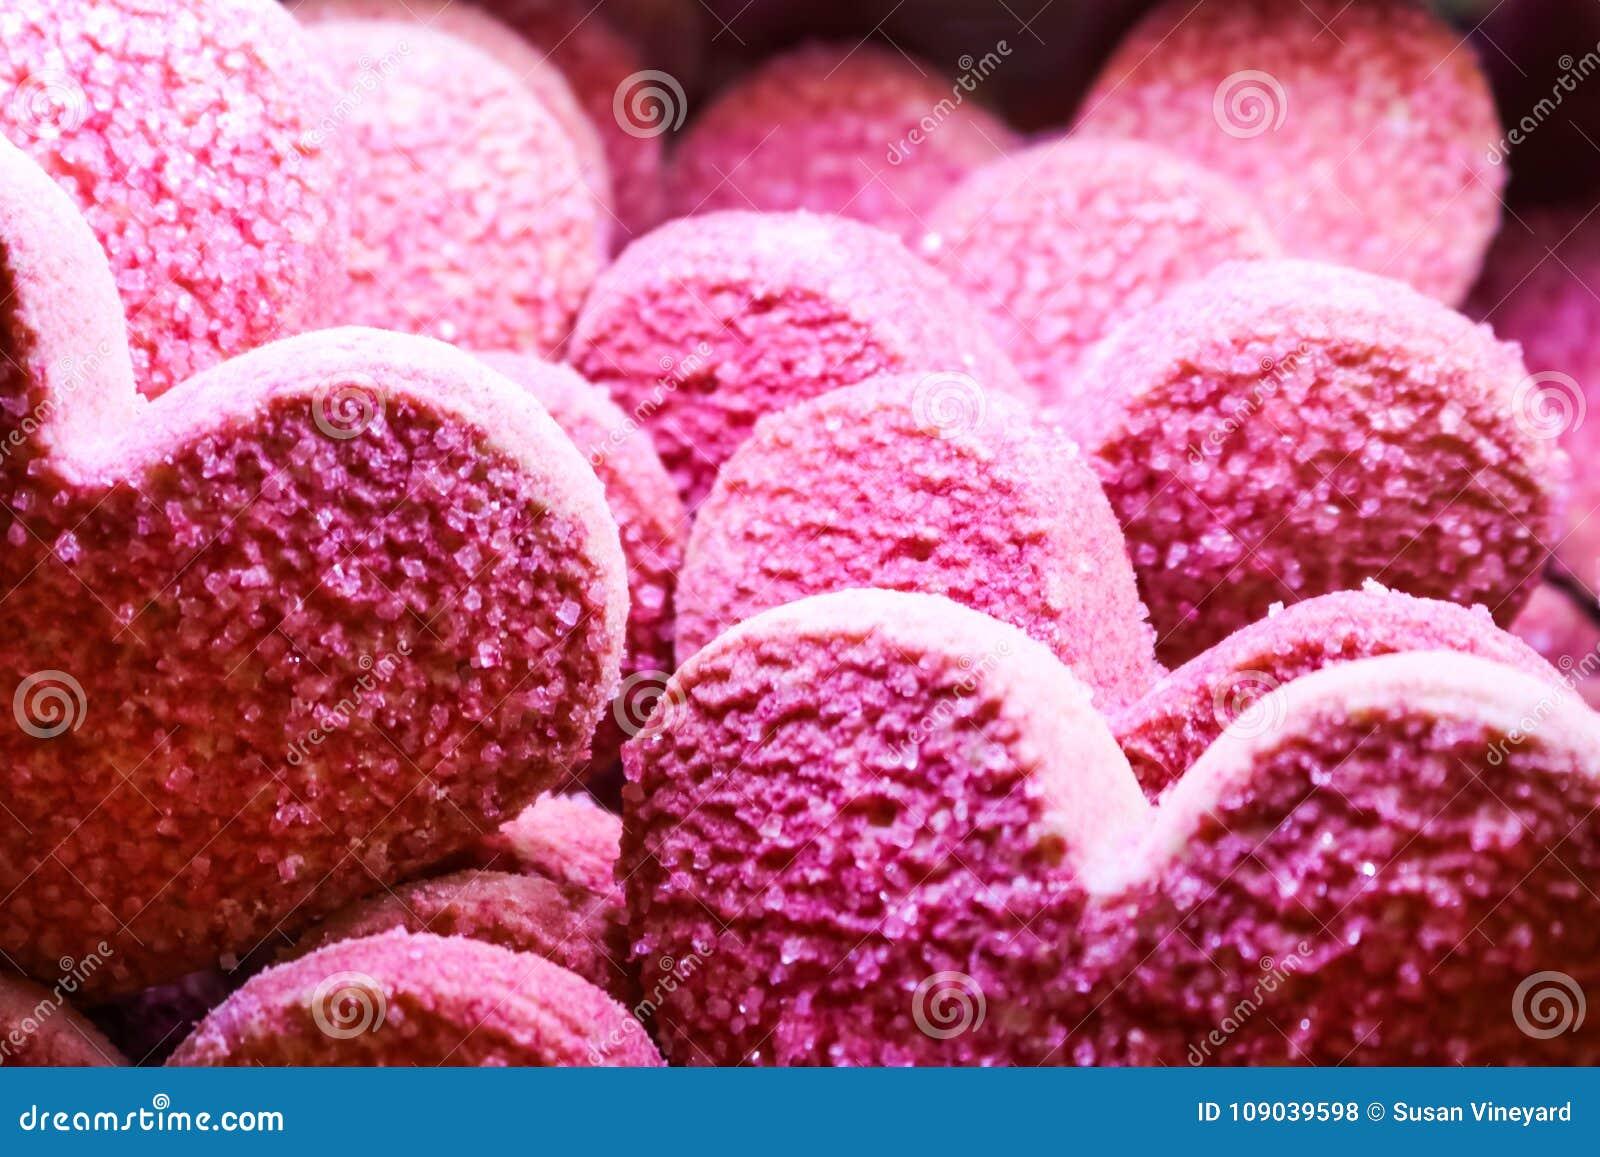 Różowy walentynki cukrowego ciastka tło horyzontalny - serce kształtował ciastka pokrywa się -